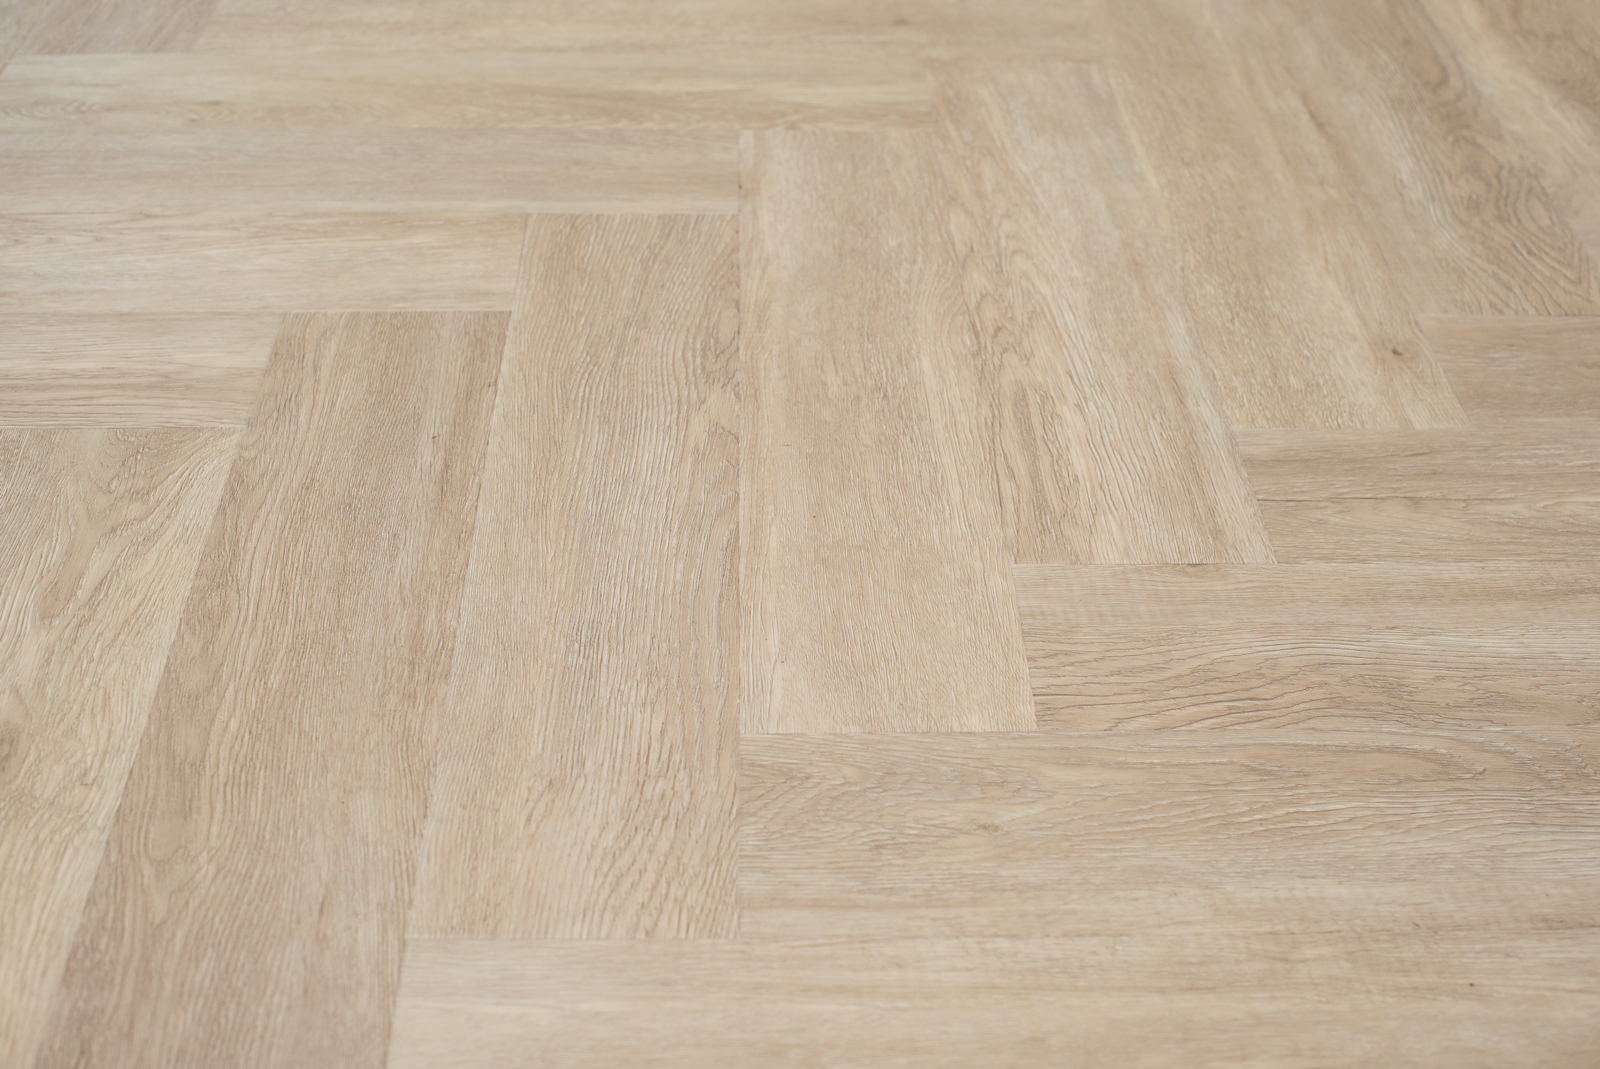 Pvc Visgraat Vloer : Floer visgraat pvc vloeren crèmewit eiken 60 x 12 cm witte vloer